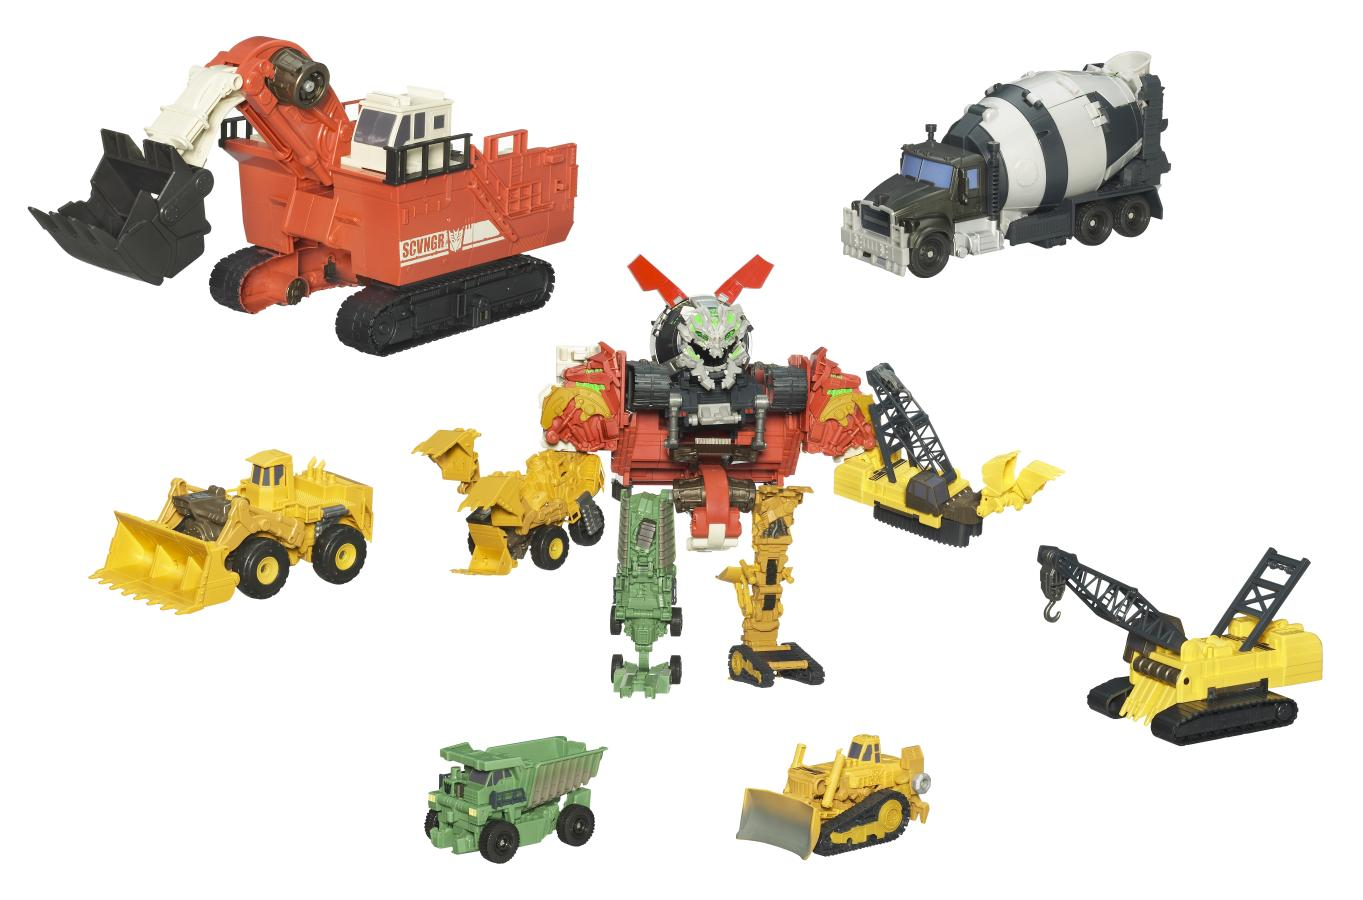 Transformers Revenge Of The Fallen Devastator Toys 120